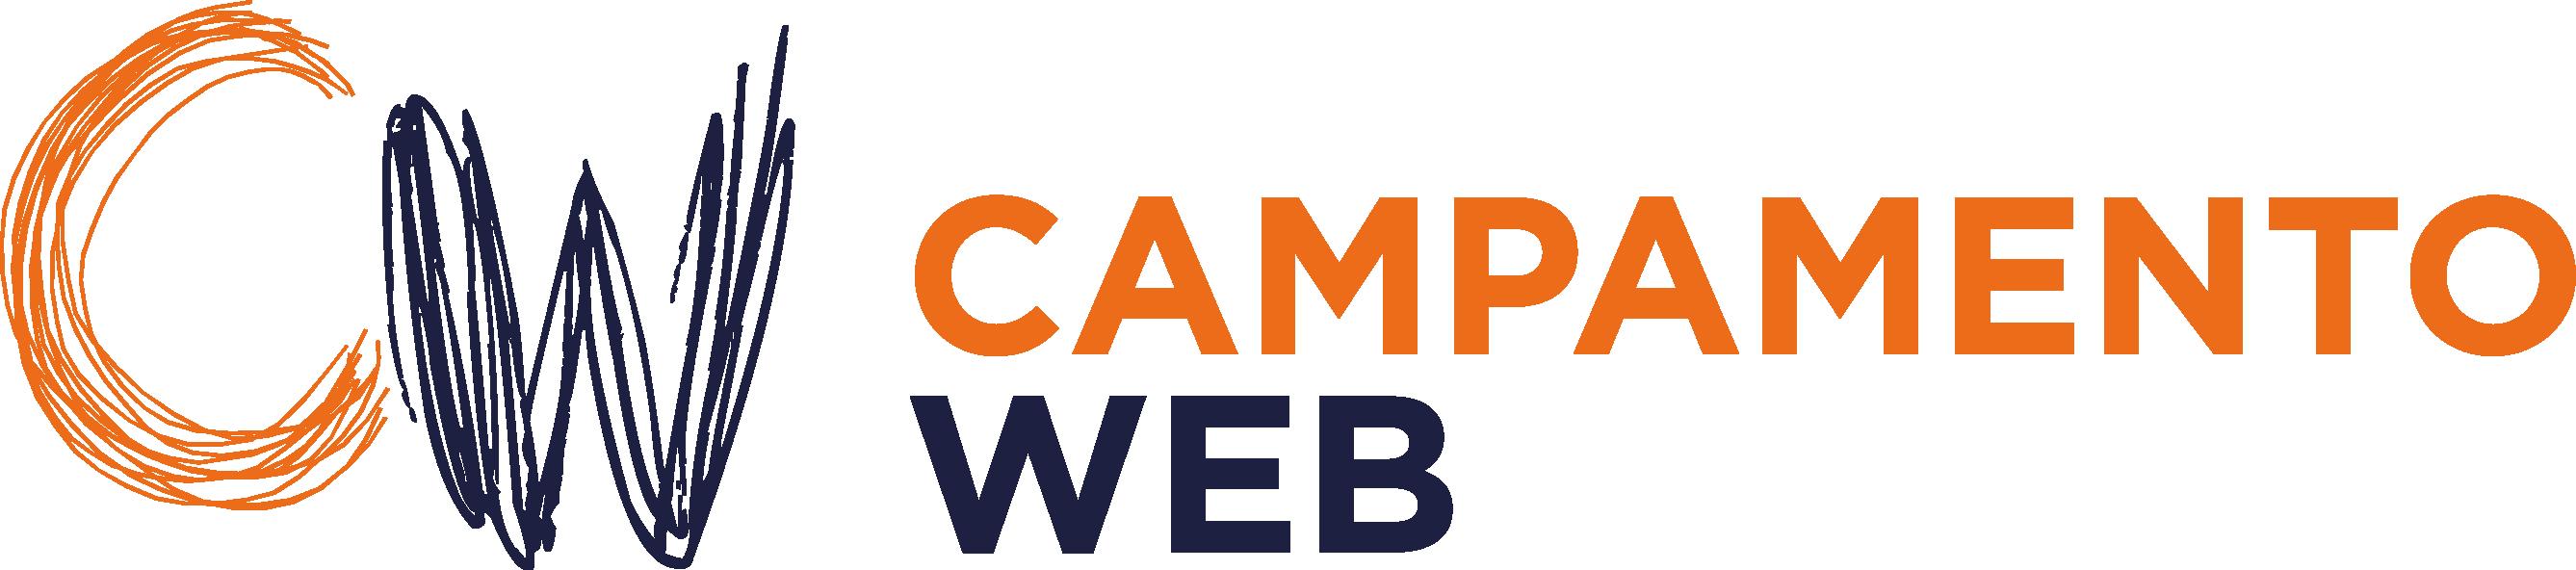 Campamento Web – SEO con Emilio García